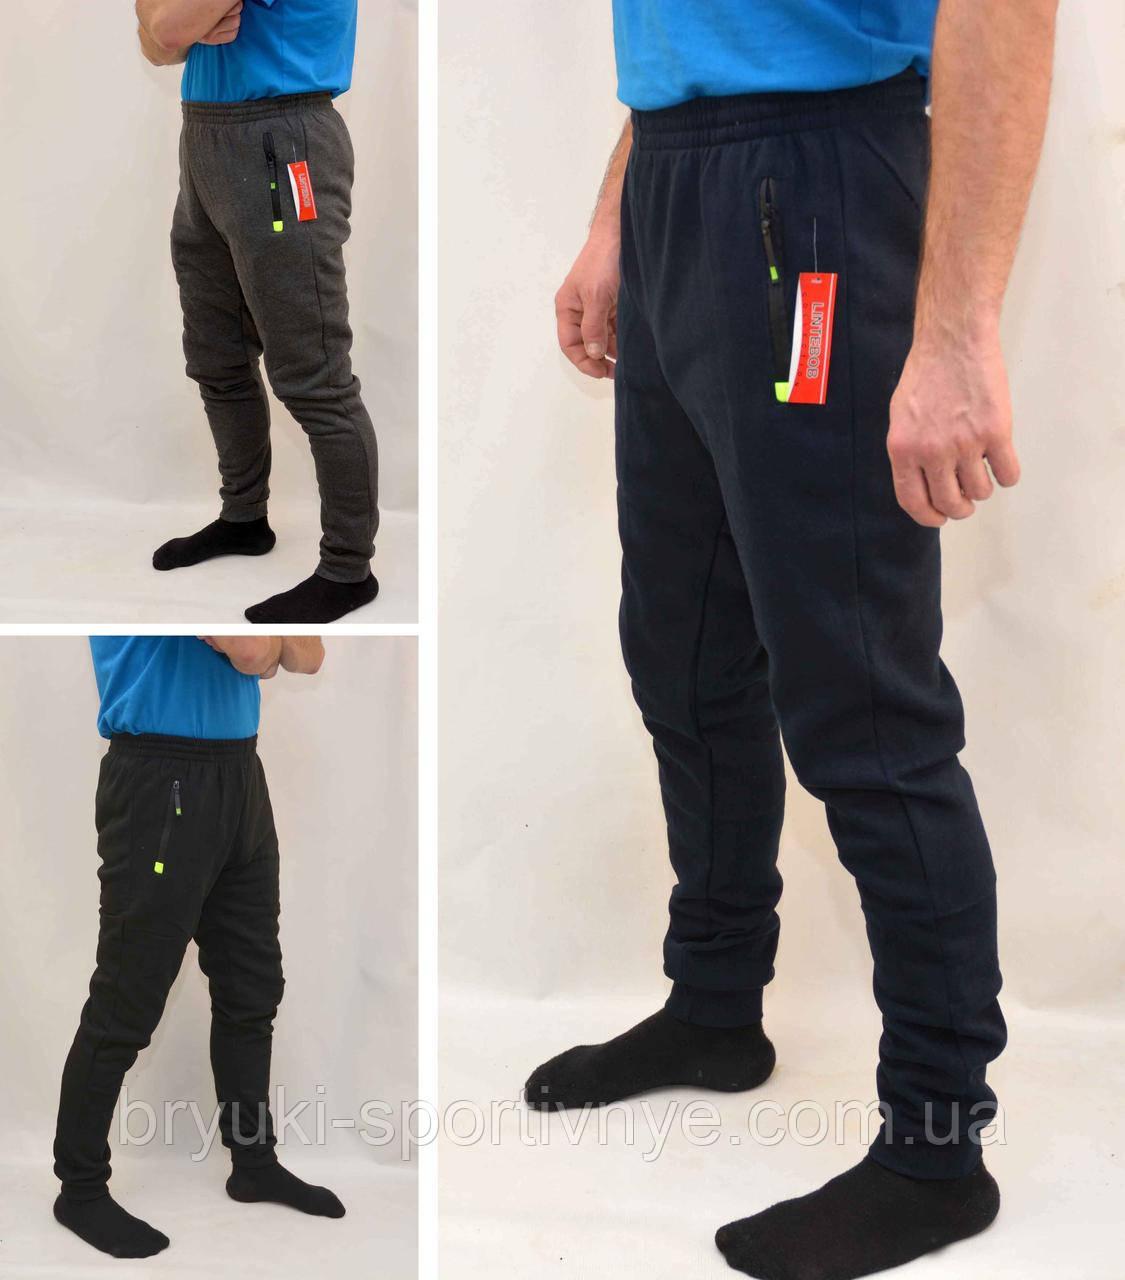 Брюки спортивные зимние мужские под манжет - карманы на молнии М Черный